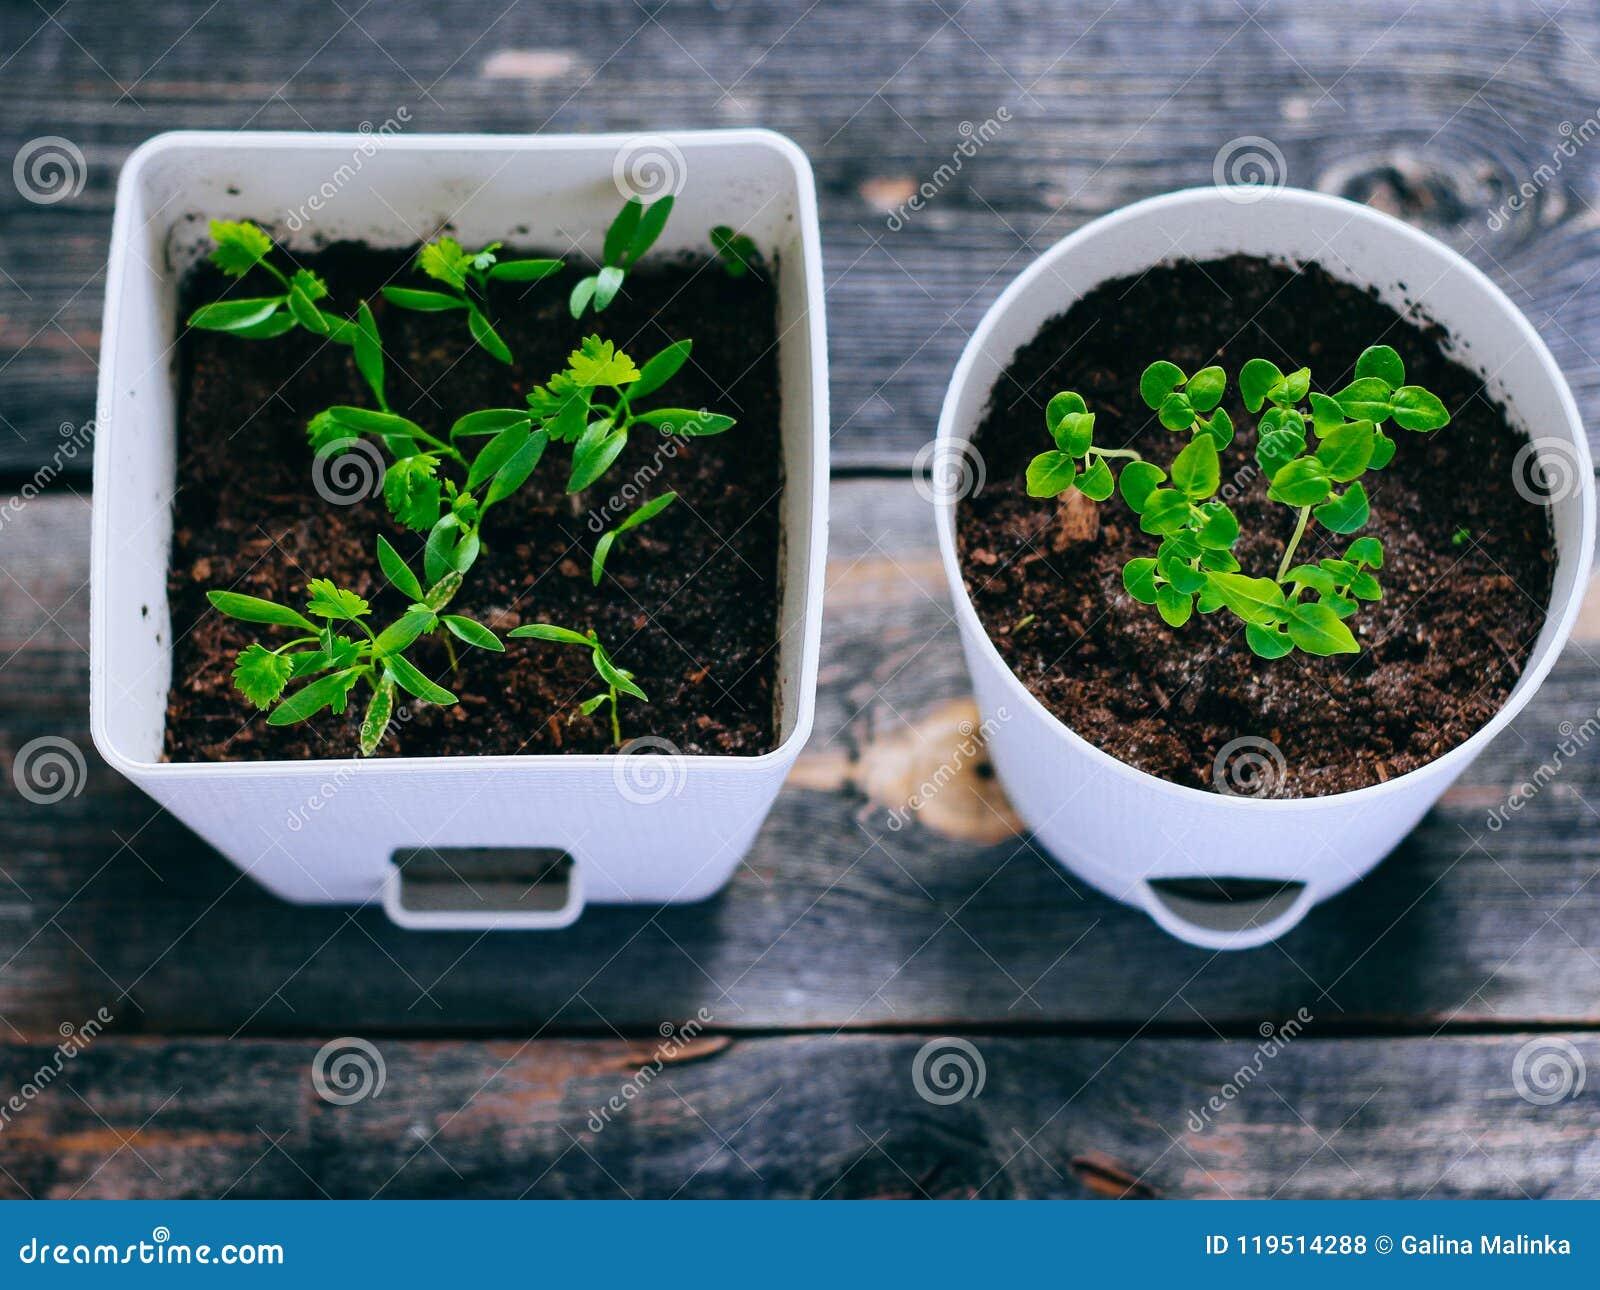 Νέα πράσινα στα δοχεία, νεαροί βλαστοί του βασιλικού και του κορίανδρου